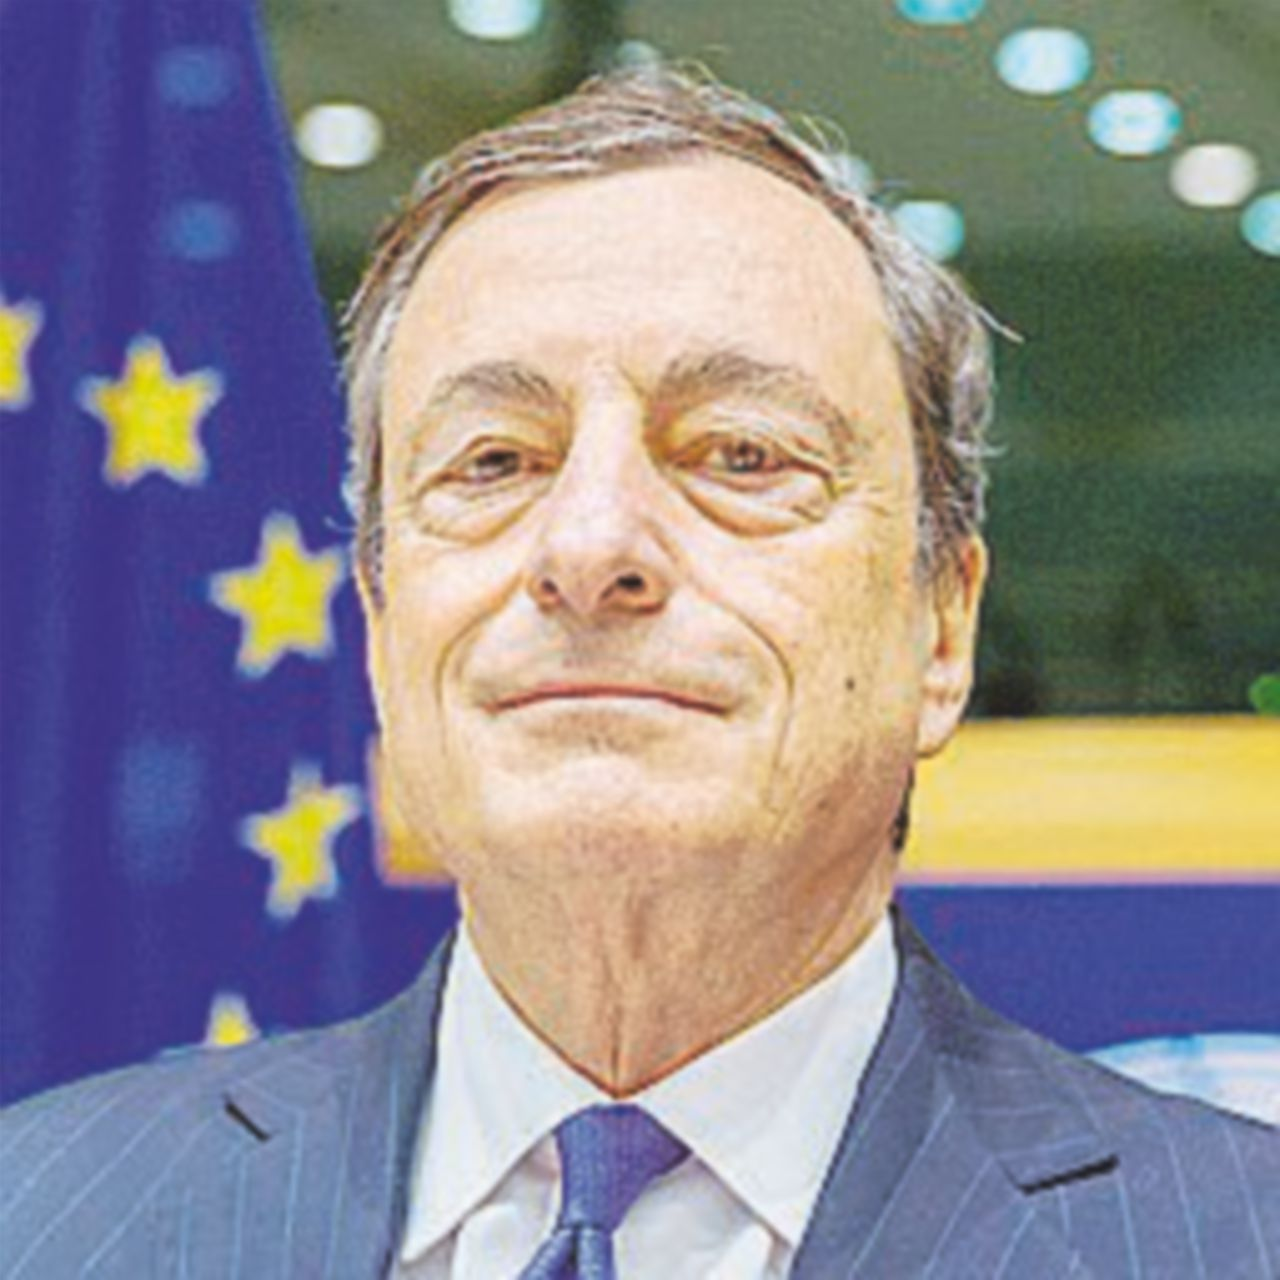 Spread, anche Financial Times mette sotto accusa la Bce